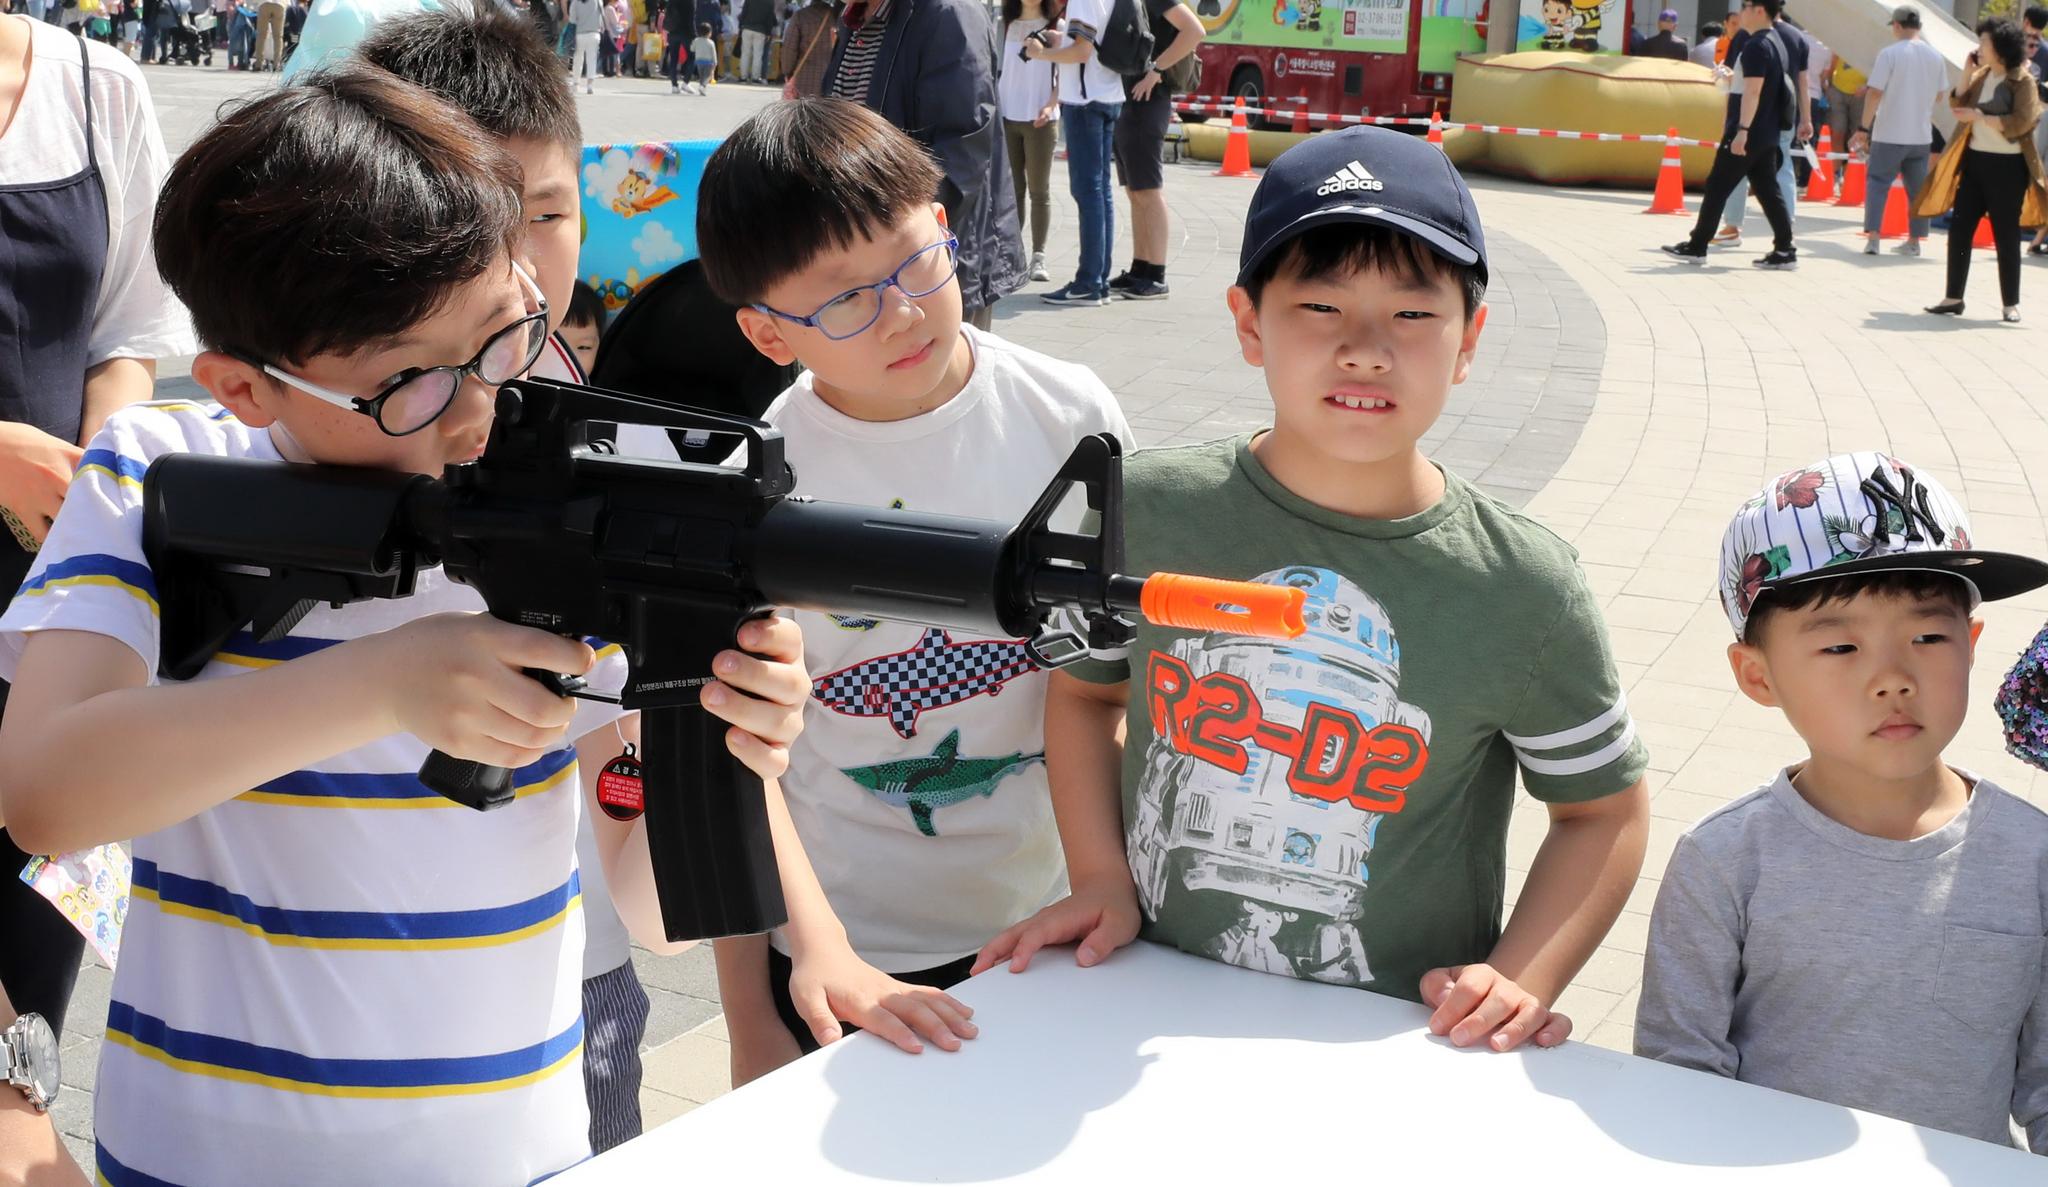 서울 용산 전쟁기념관에서 열린 '어린이날 문화축제'에 참가한 어린이들이 전동건 사격체험을 하고 있다. [뉴시스]